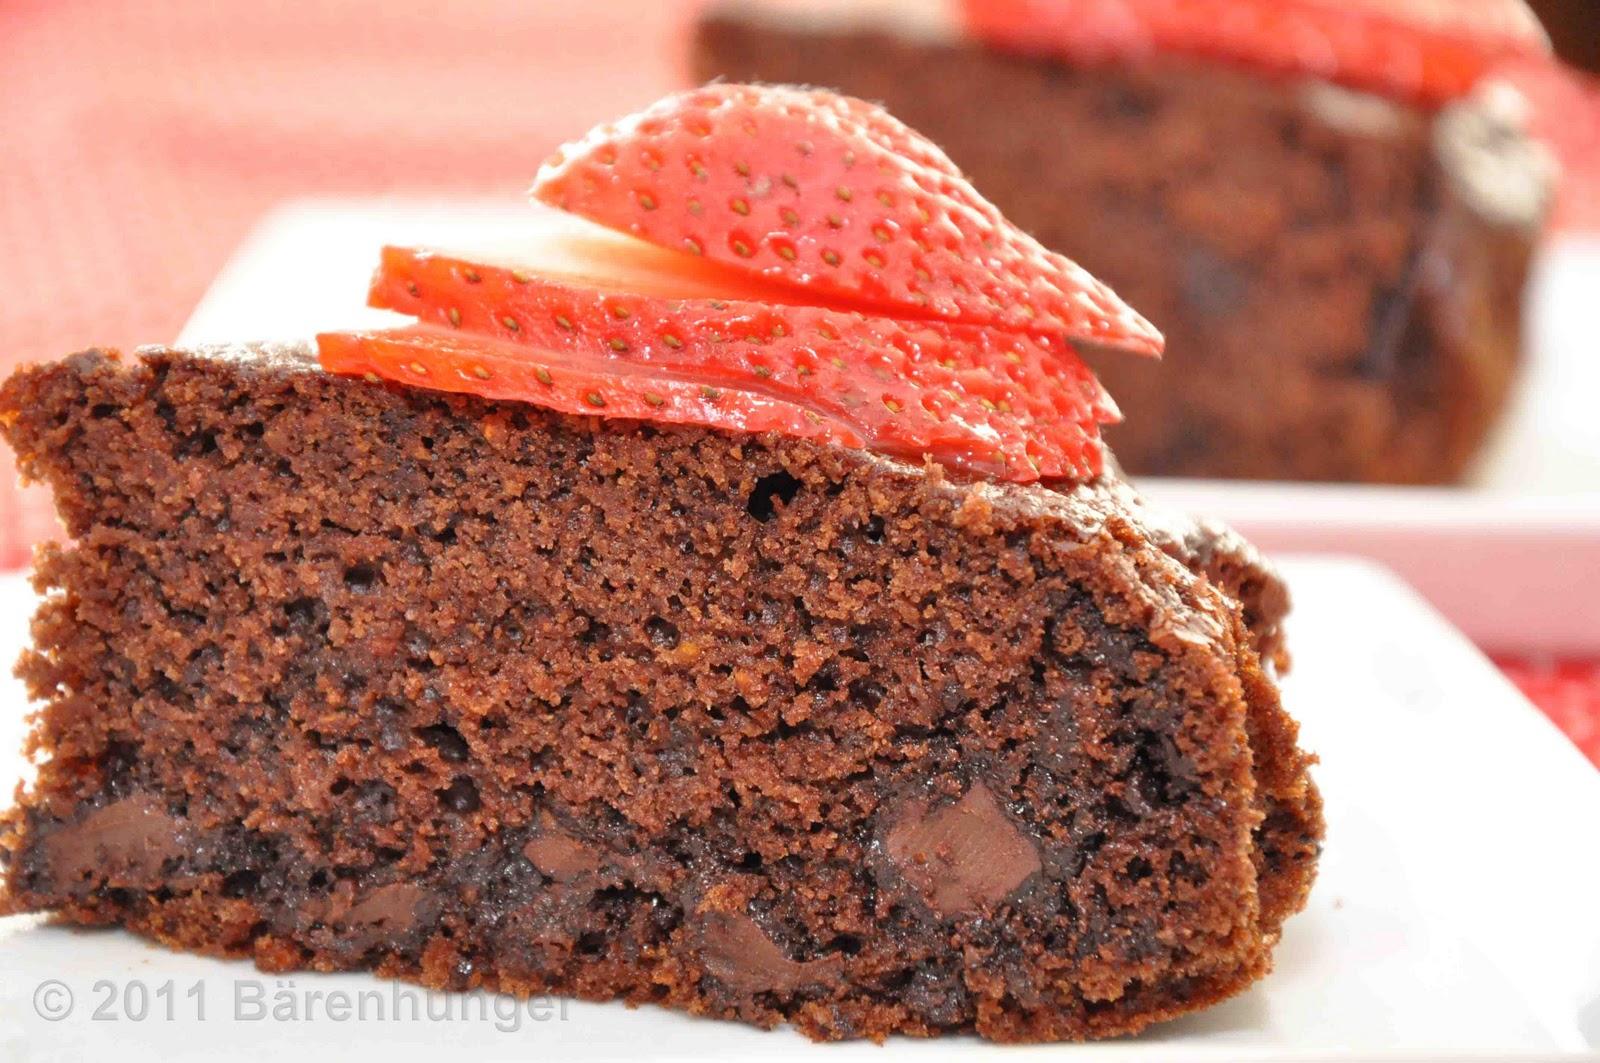 Karotten Schokoladen Kuchen Barenhunger